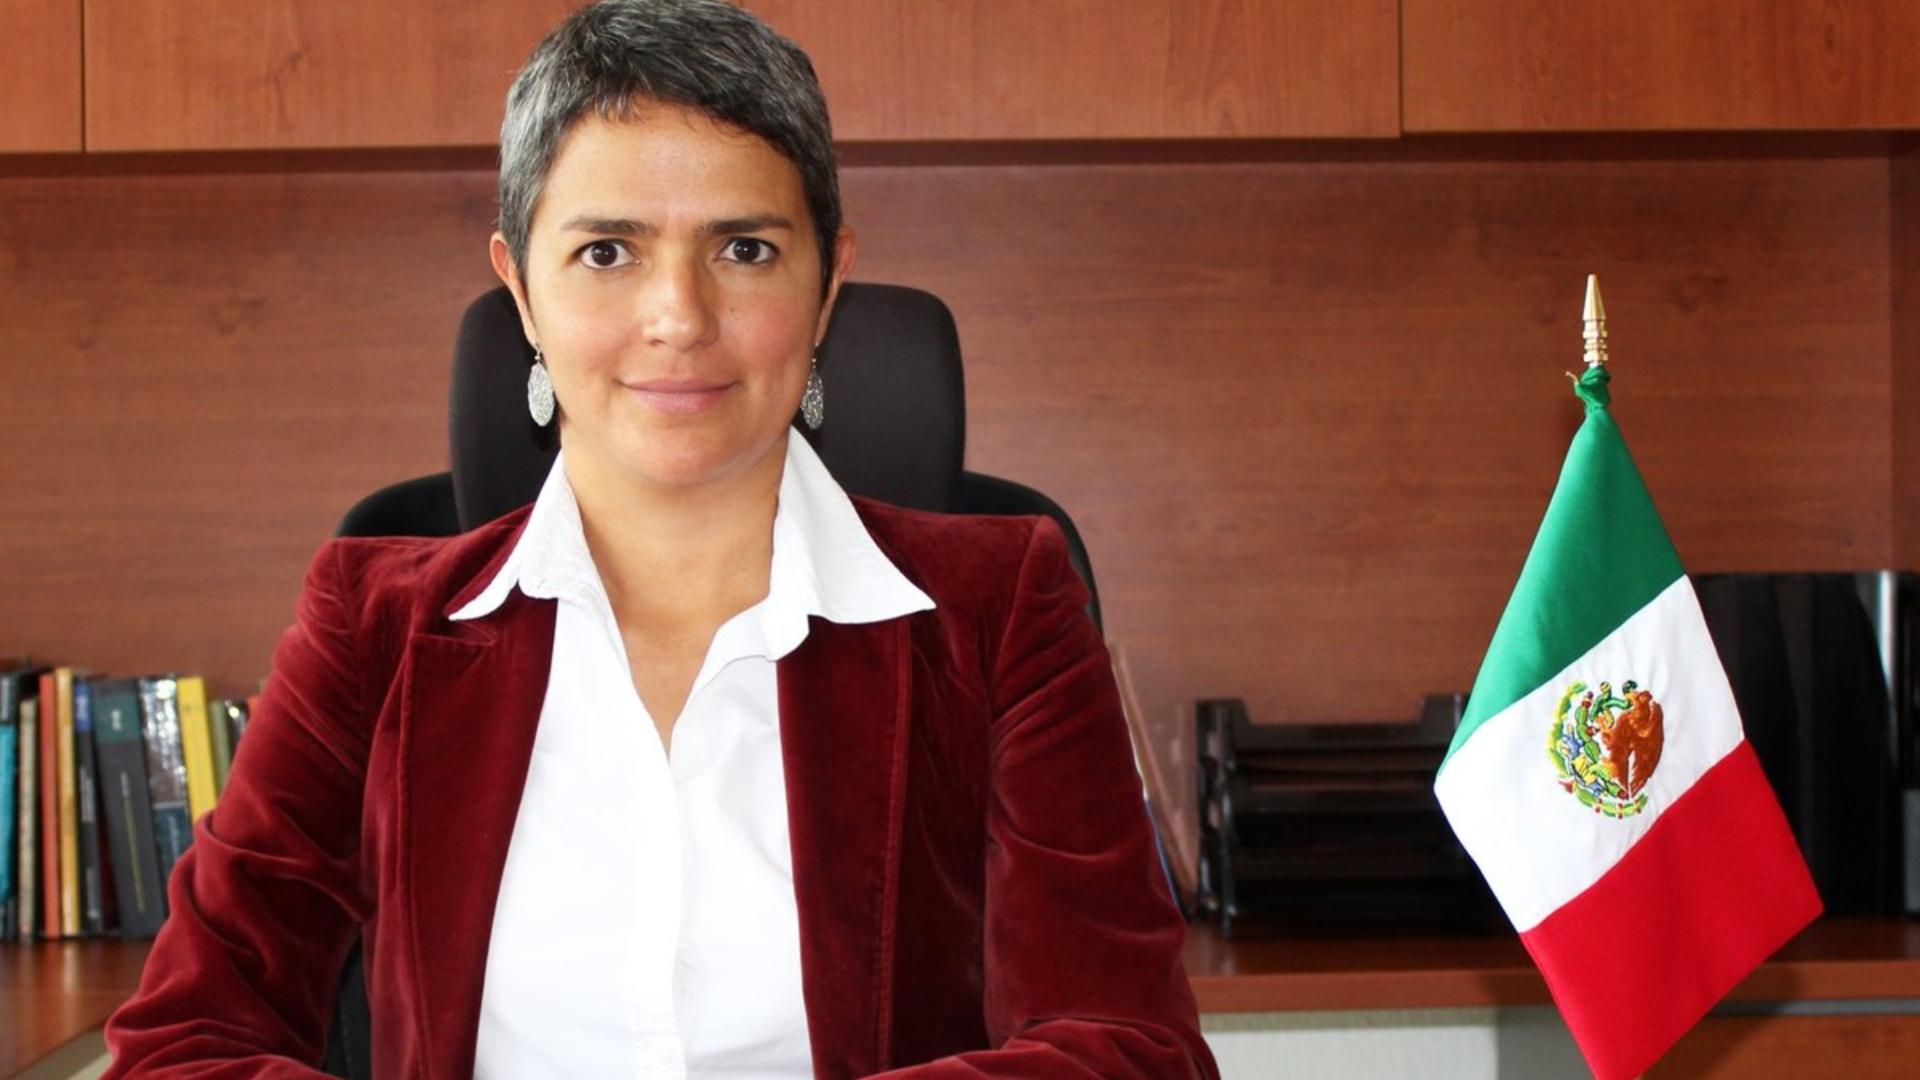 La titular es doctora en Derecho por la UNAM (Foto: Segob)